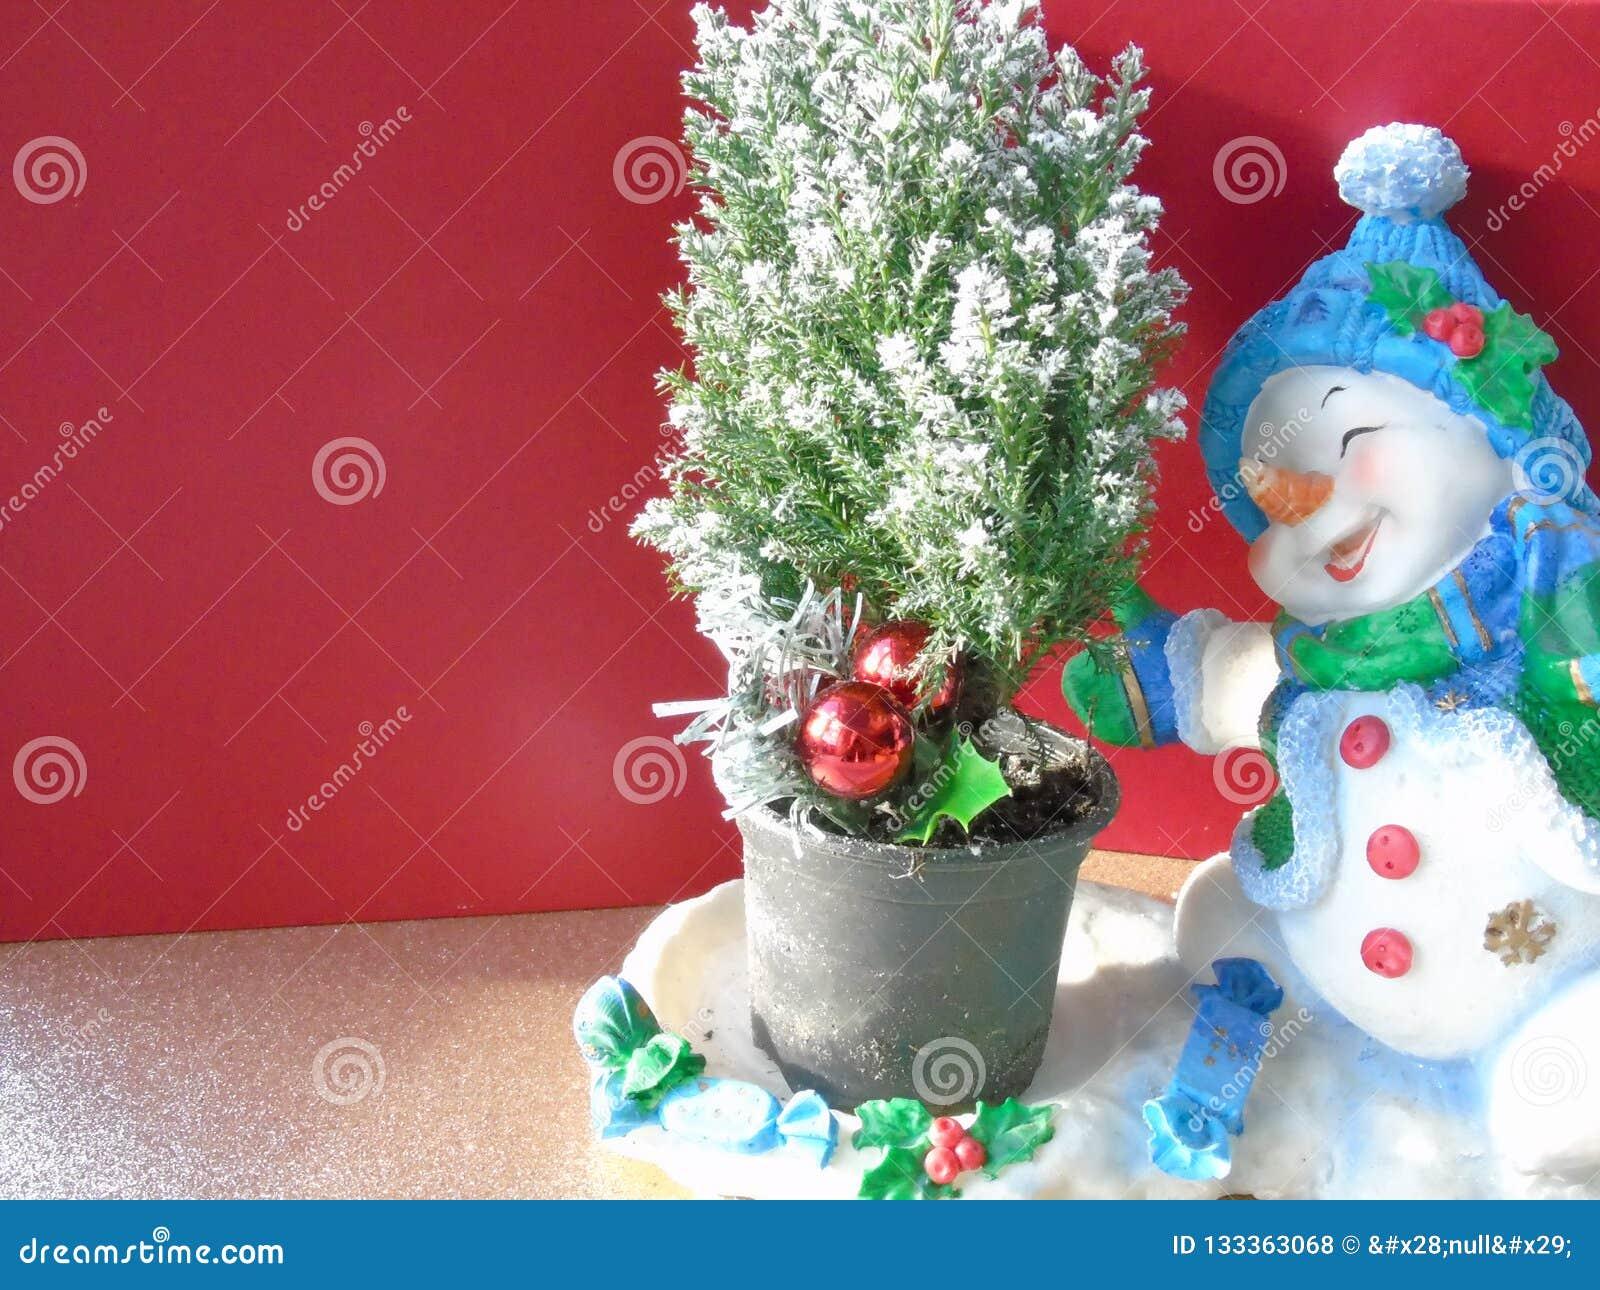 Ευτυχής χαρούμενος χιονάνθρωπος Χριστουγέννων που κάνει πατινάζ γύρω από ένα χριστουγεννιάτικο δέντρο